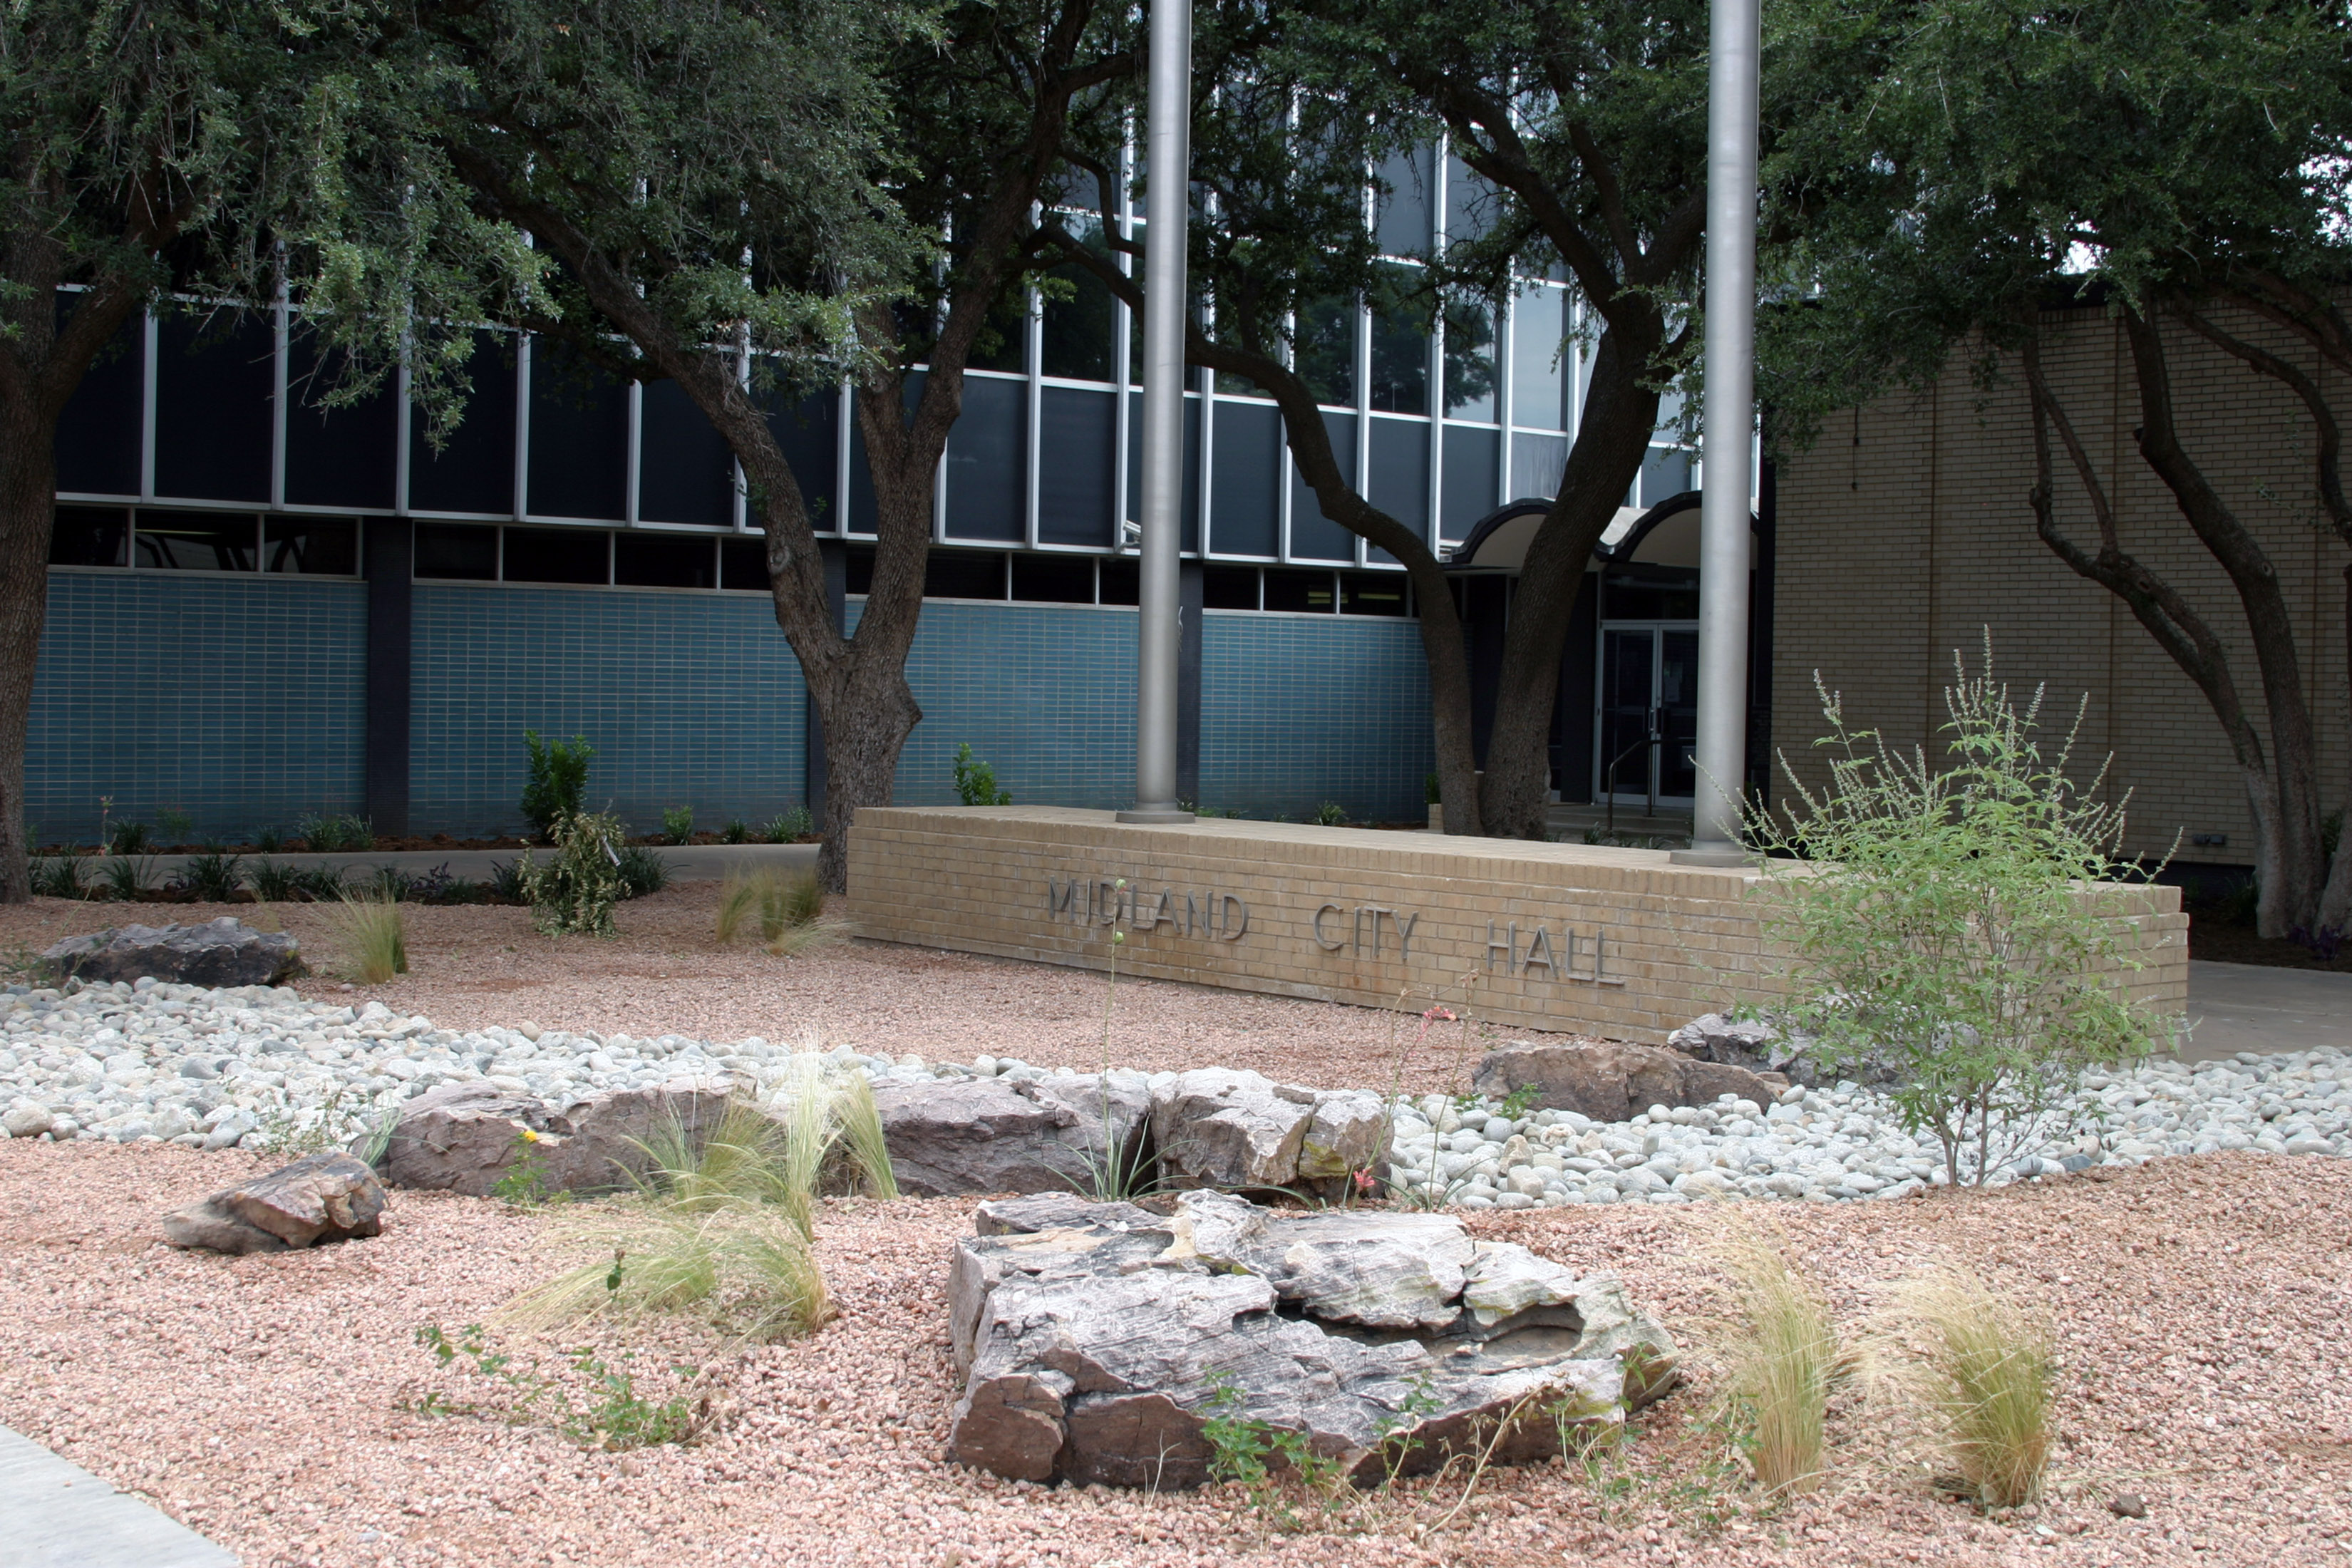 Loraine Texas City Hall